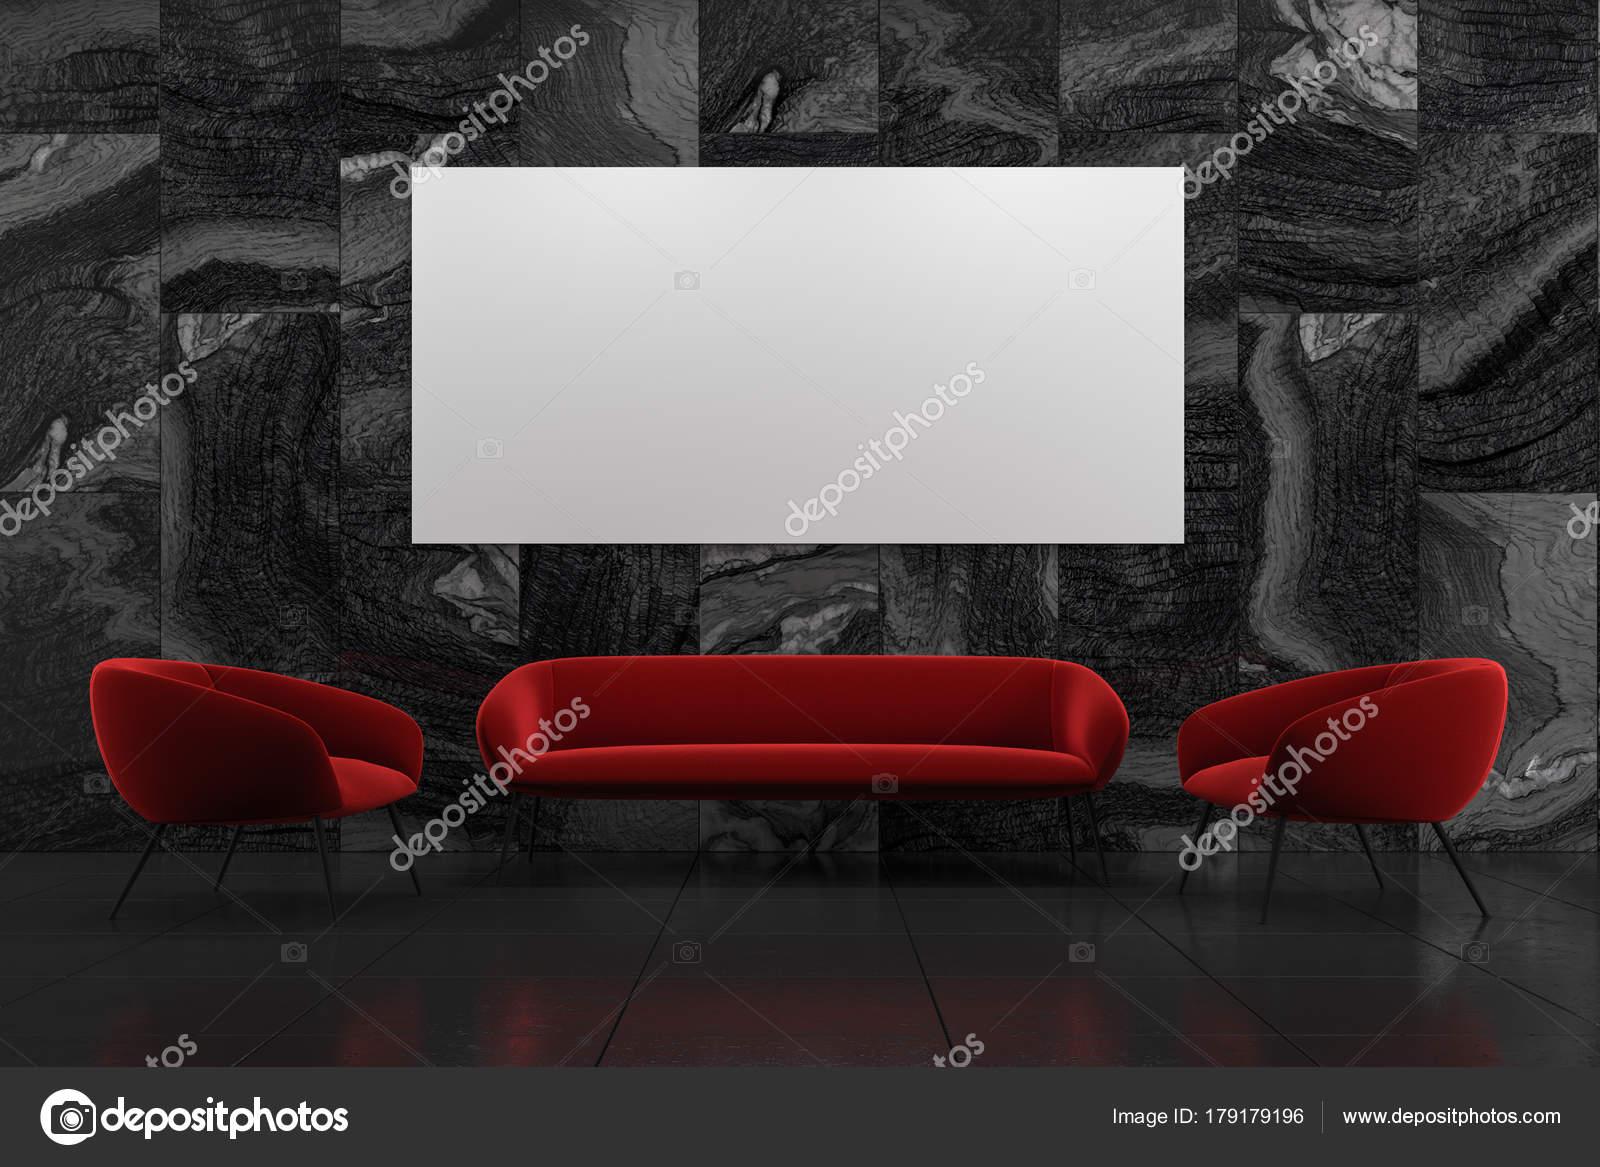 Geräumig Sofa Und Sessel Sammlung Von Schwarzer Marmor Wohnzimmer Interieur Mit Ein Rotes